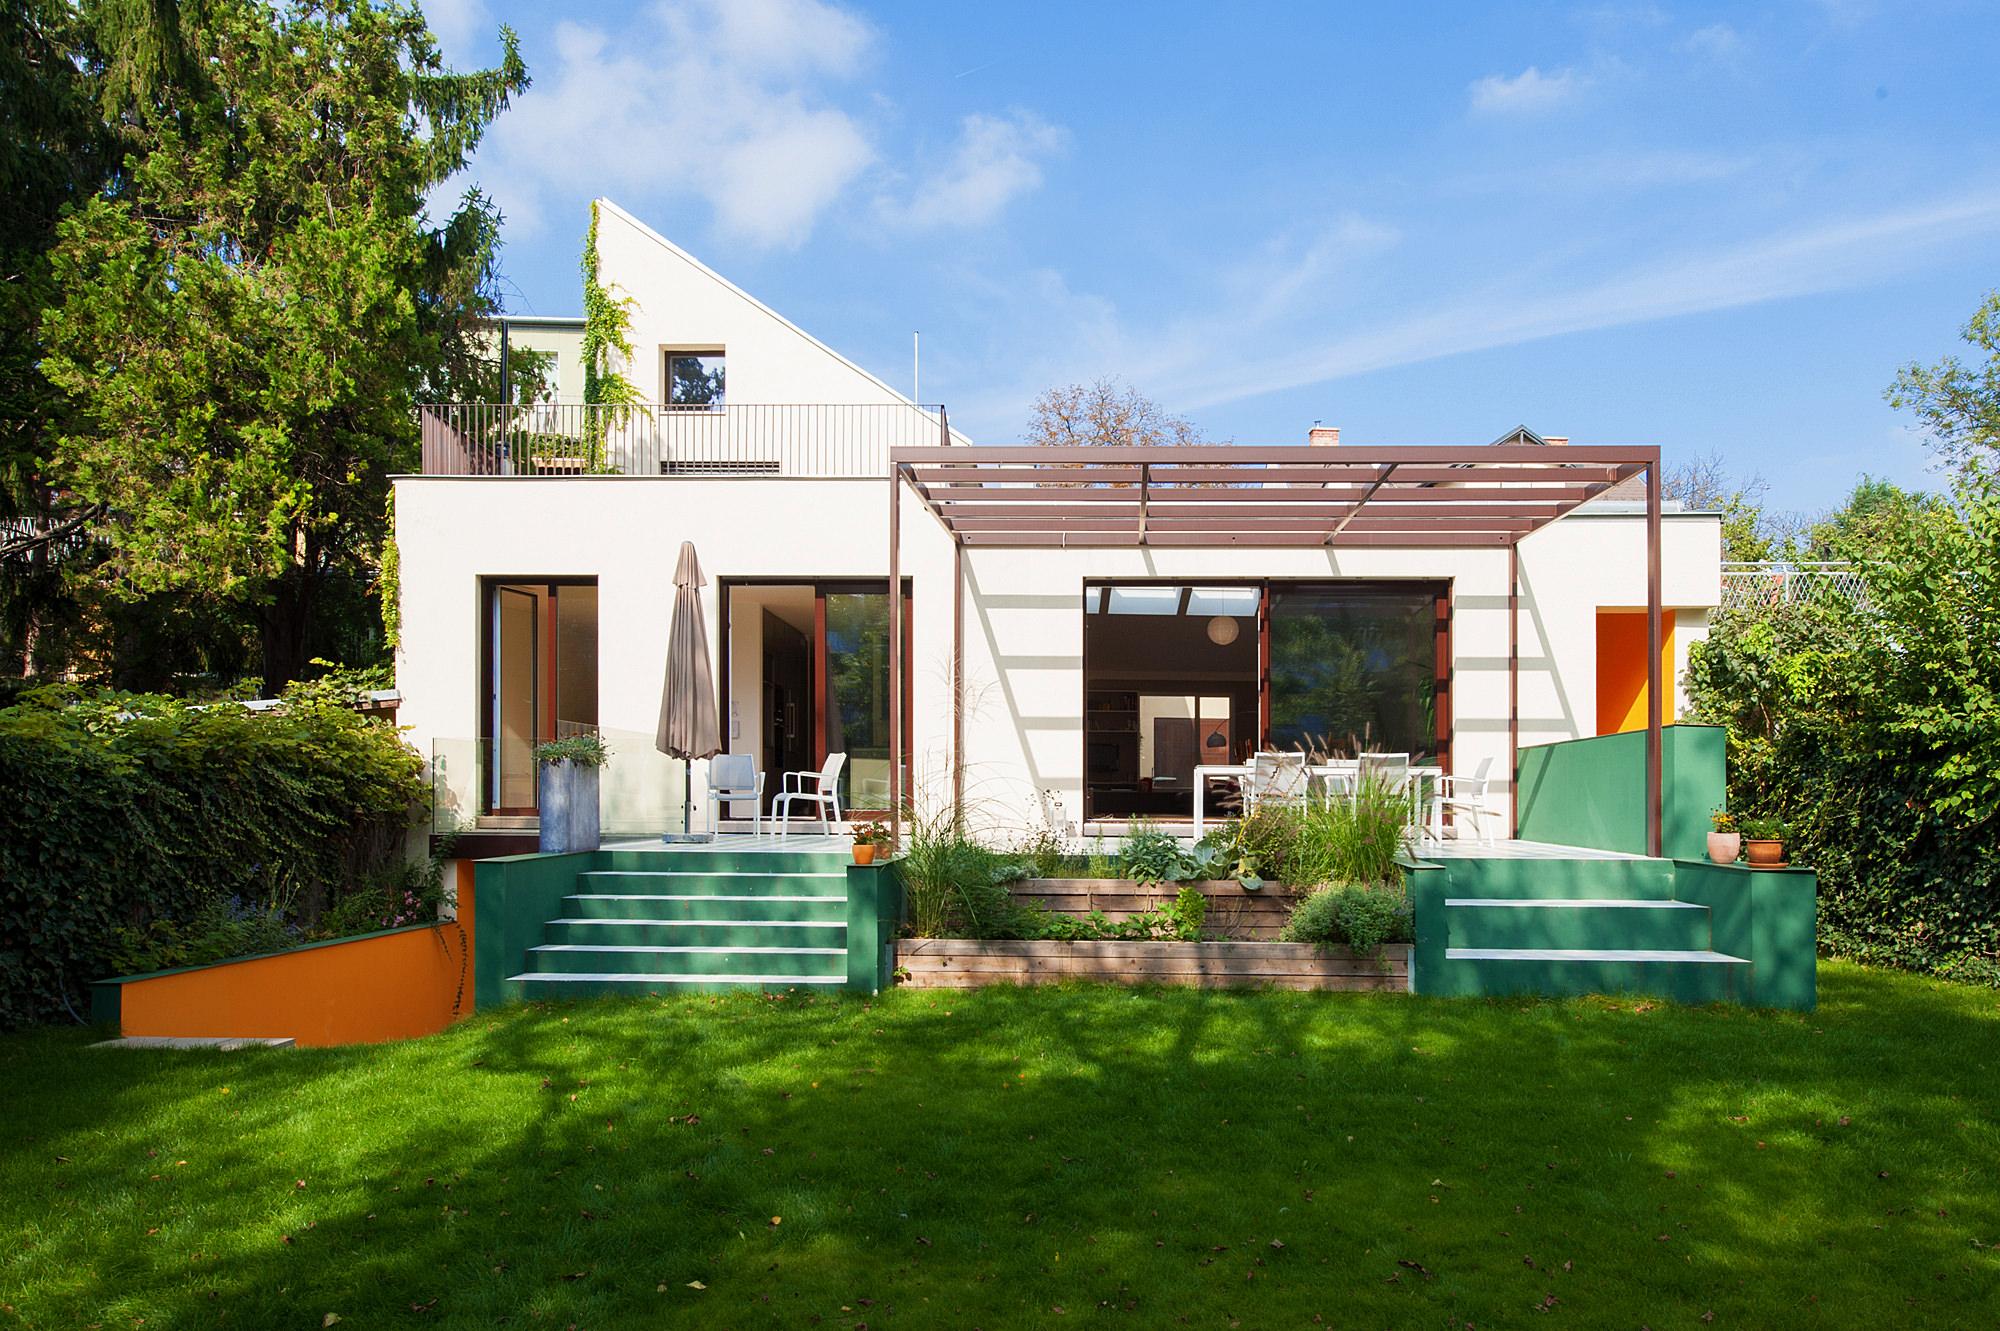 haus u 06 umbau und erweiterung einfamilienhaus 1190 wien junger beer architektur